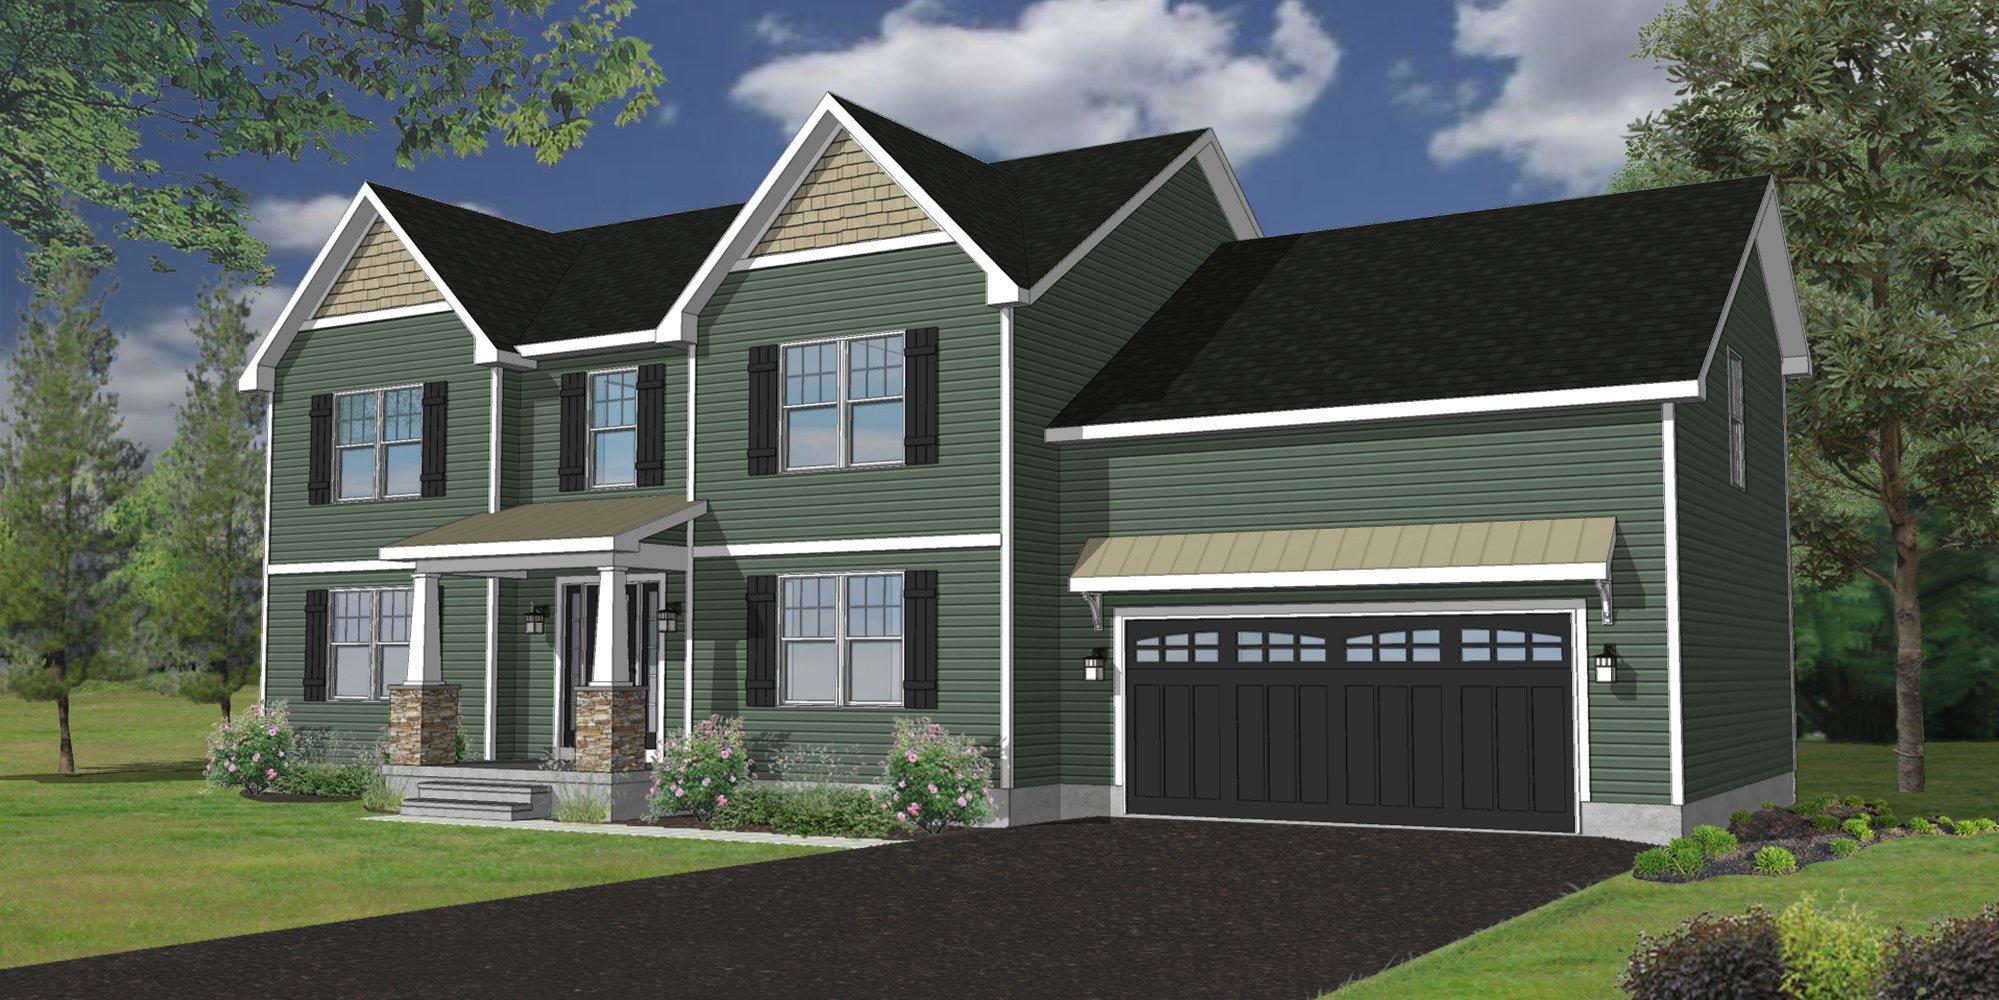 Hideaway Hills Kistler III Home Design